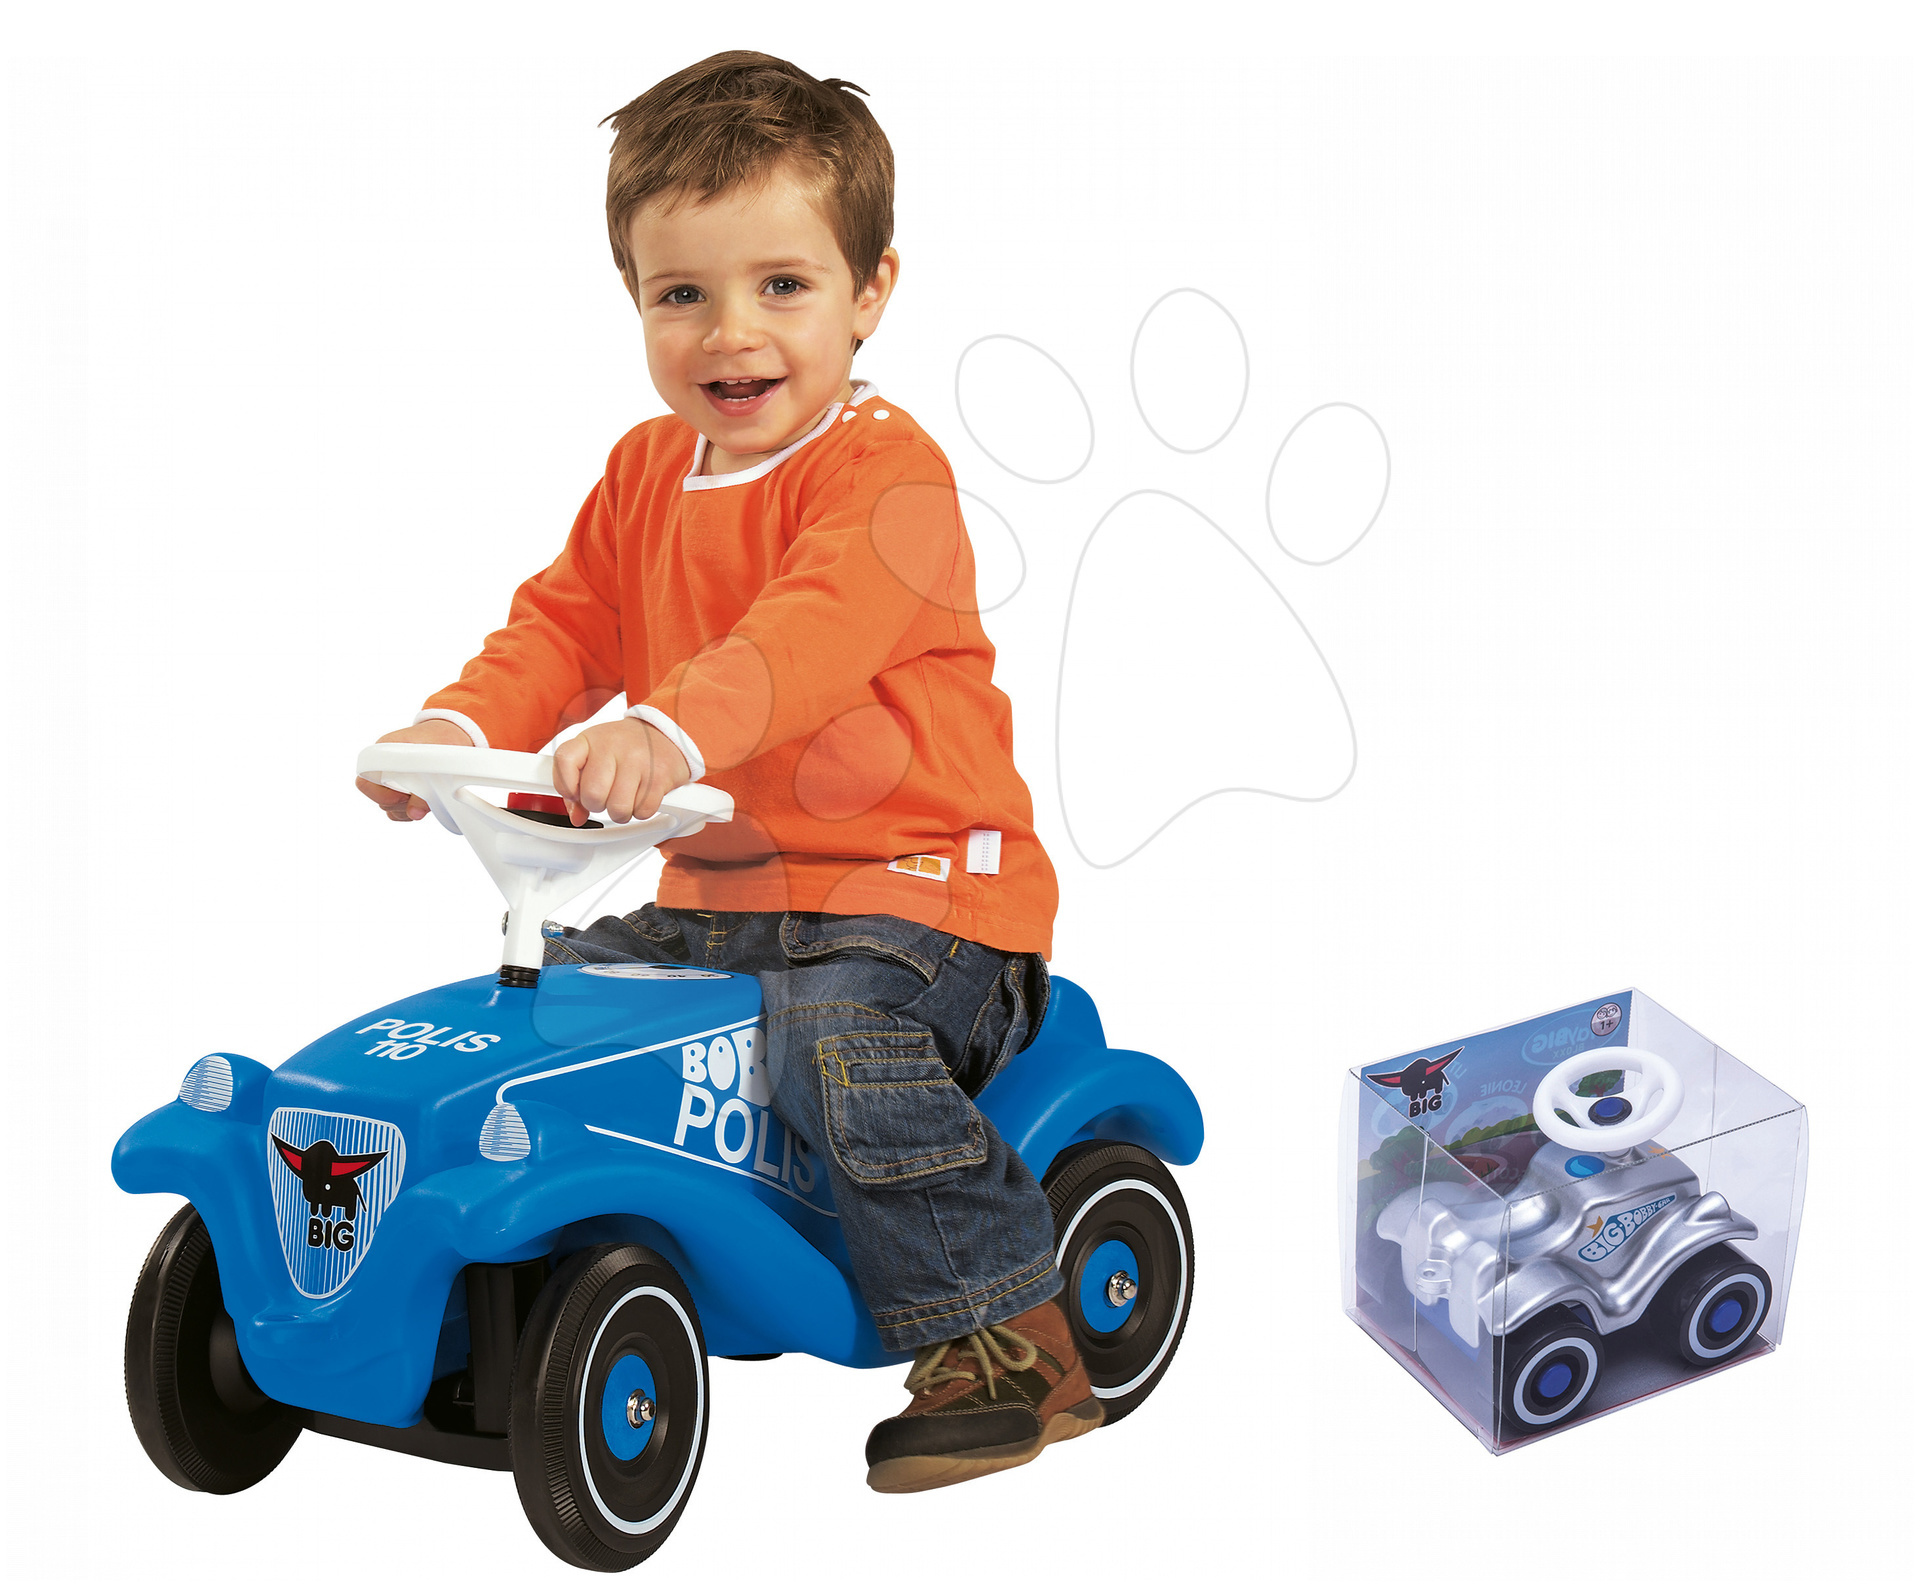 Odrážadlá sety - Set odrážadlo Bobby Classic Polícia BIG s klaksónom modré a naťahovacie autíčko Mini Bobby 12 mesiacov